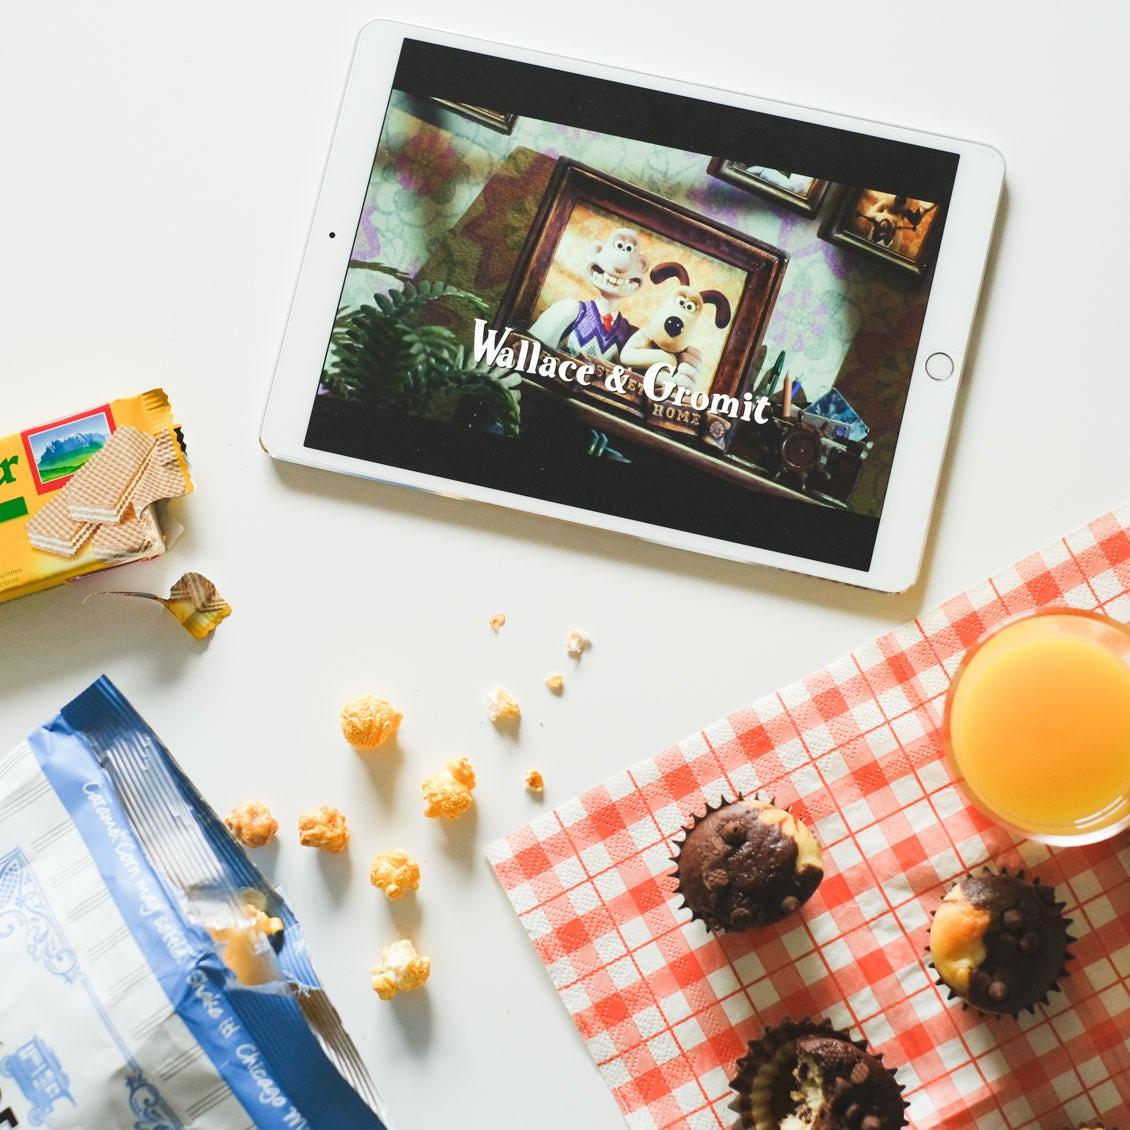 【今日はサブスク映画祭】第2話:3時のおやつに上演!大人も子供も楽しめるアニメ映画3本